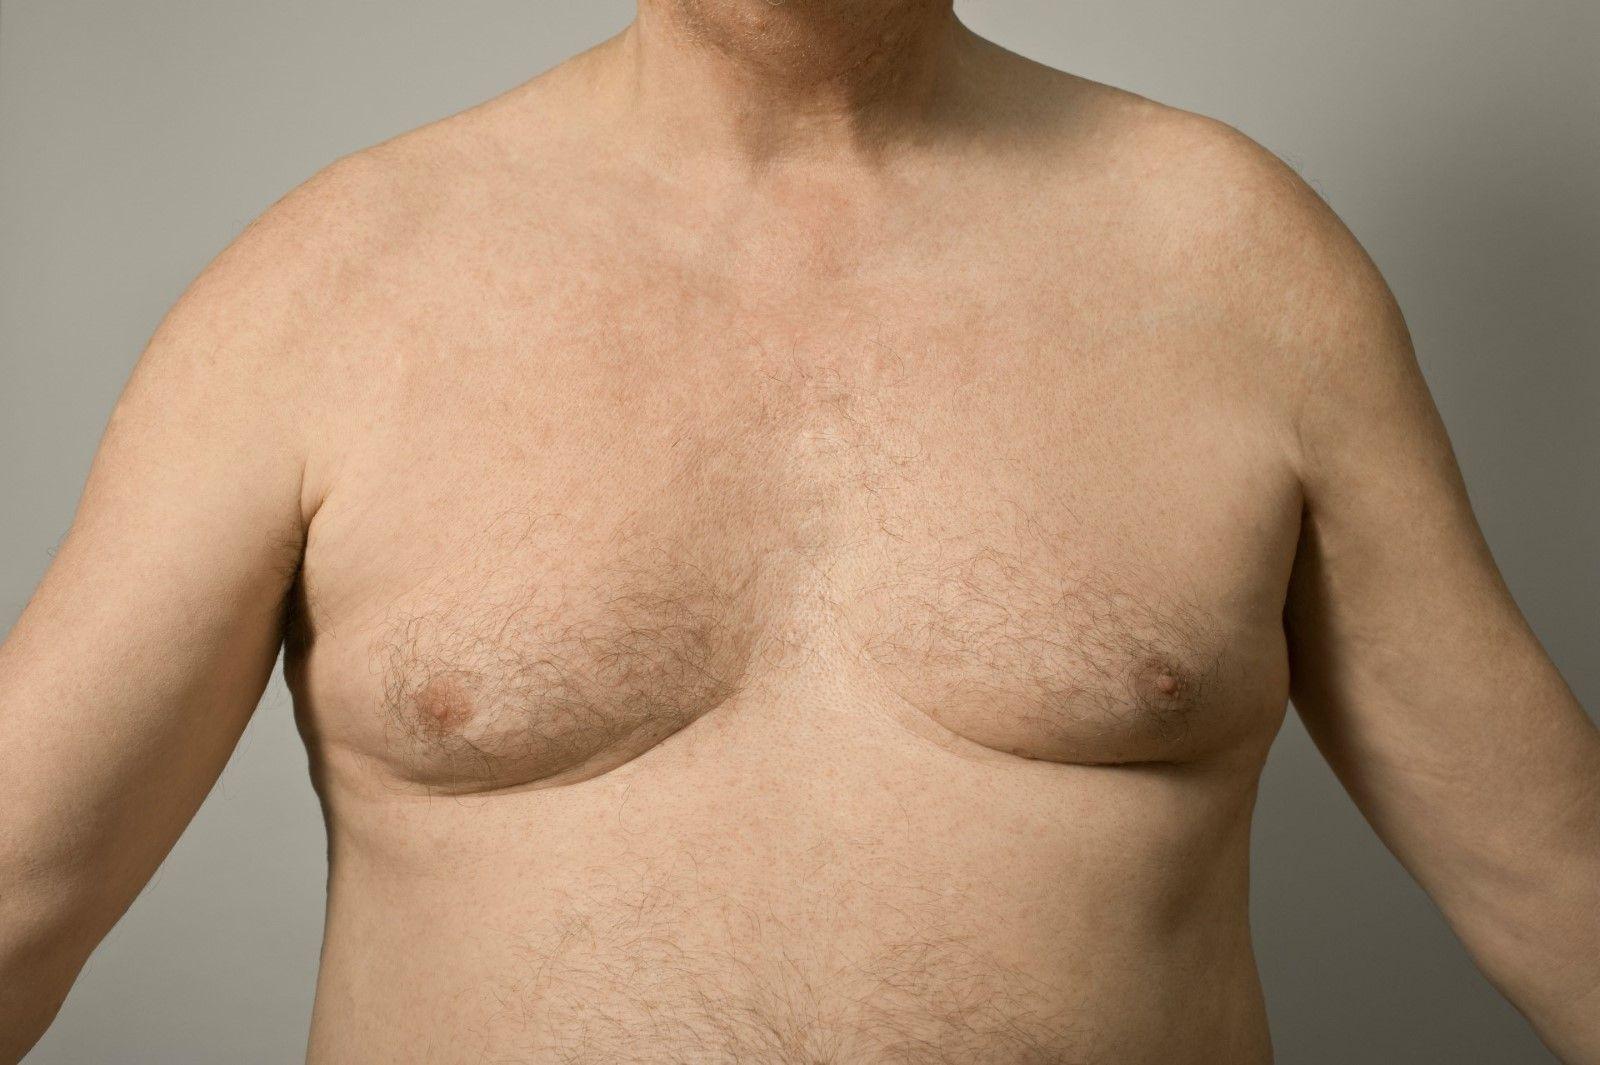 мужчина с обвисшей грудью